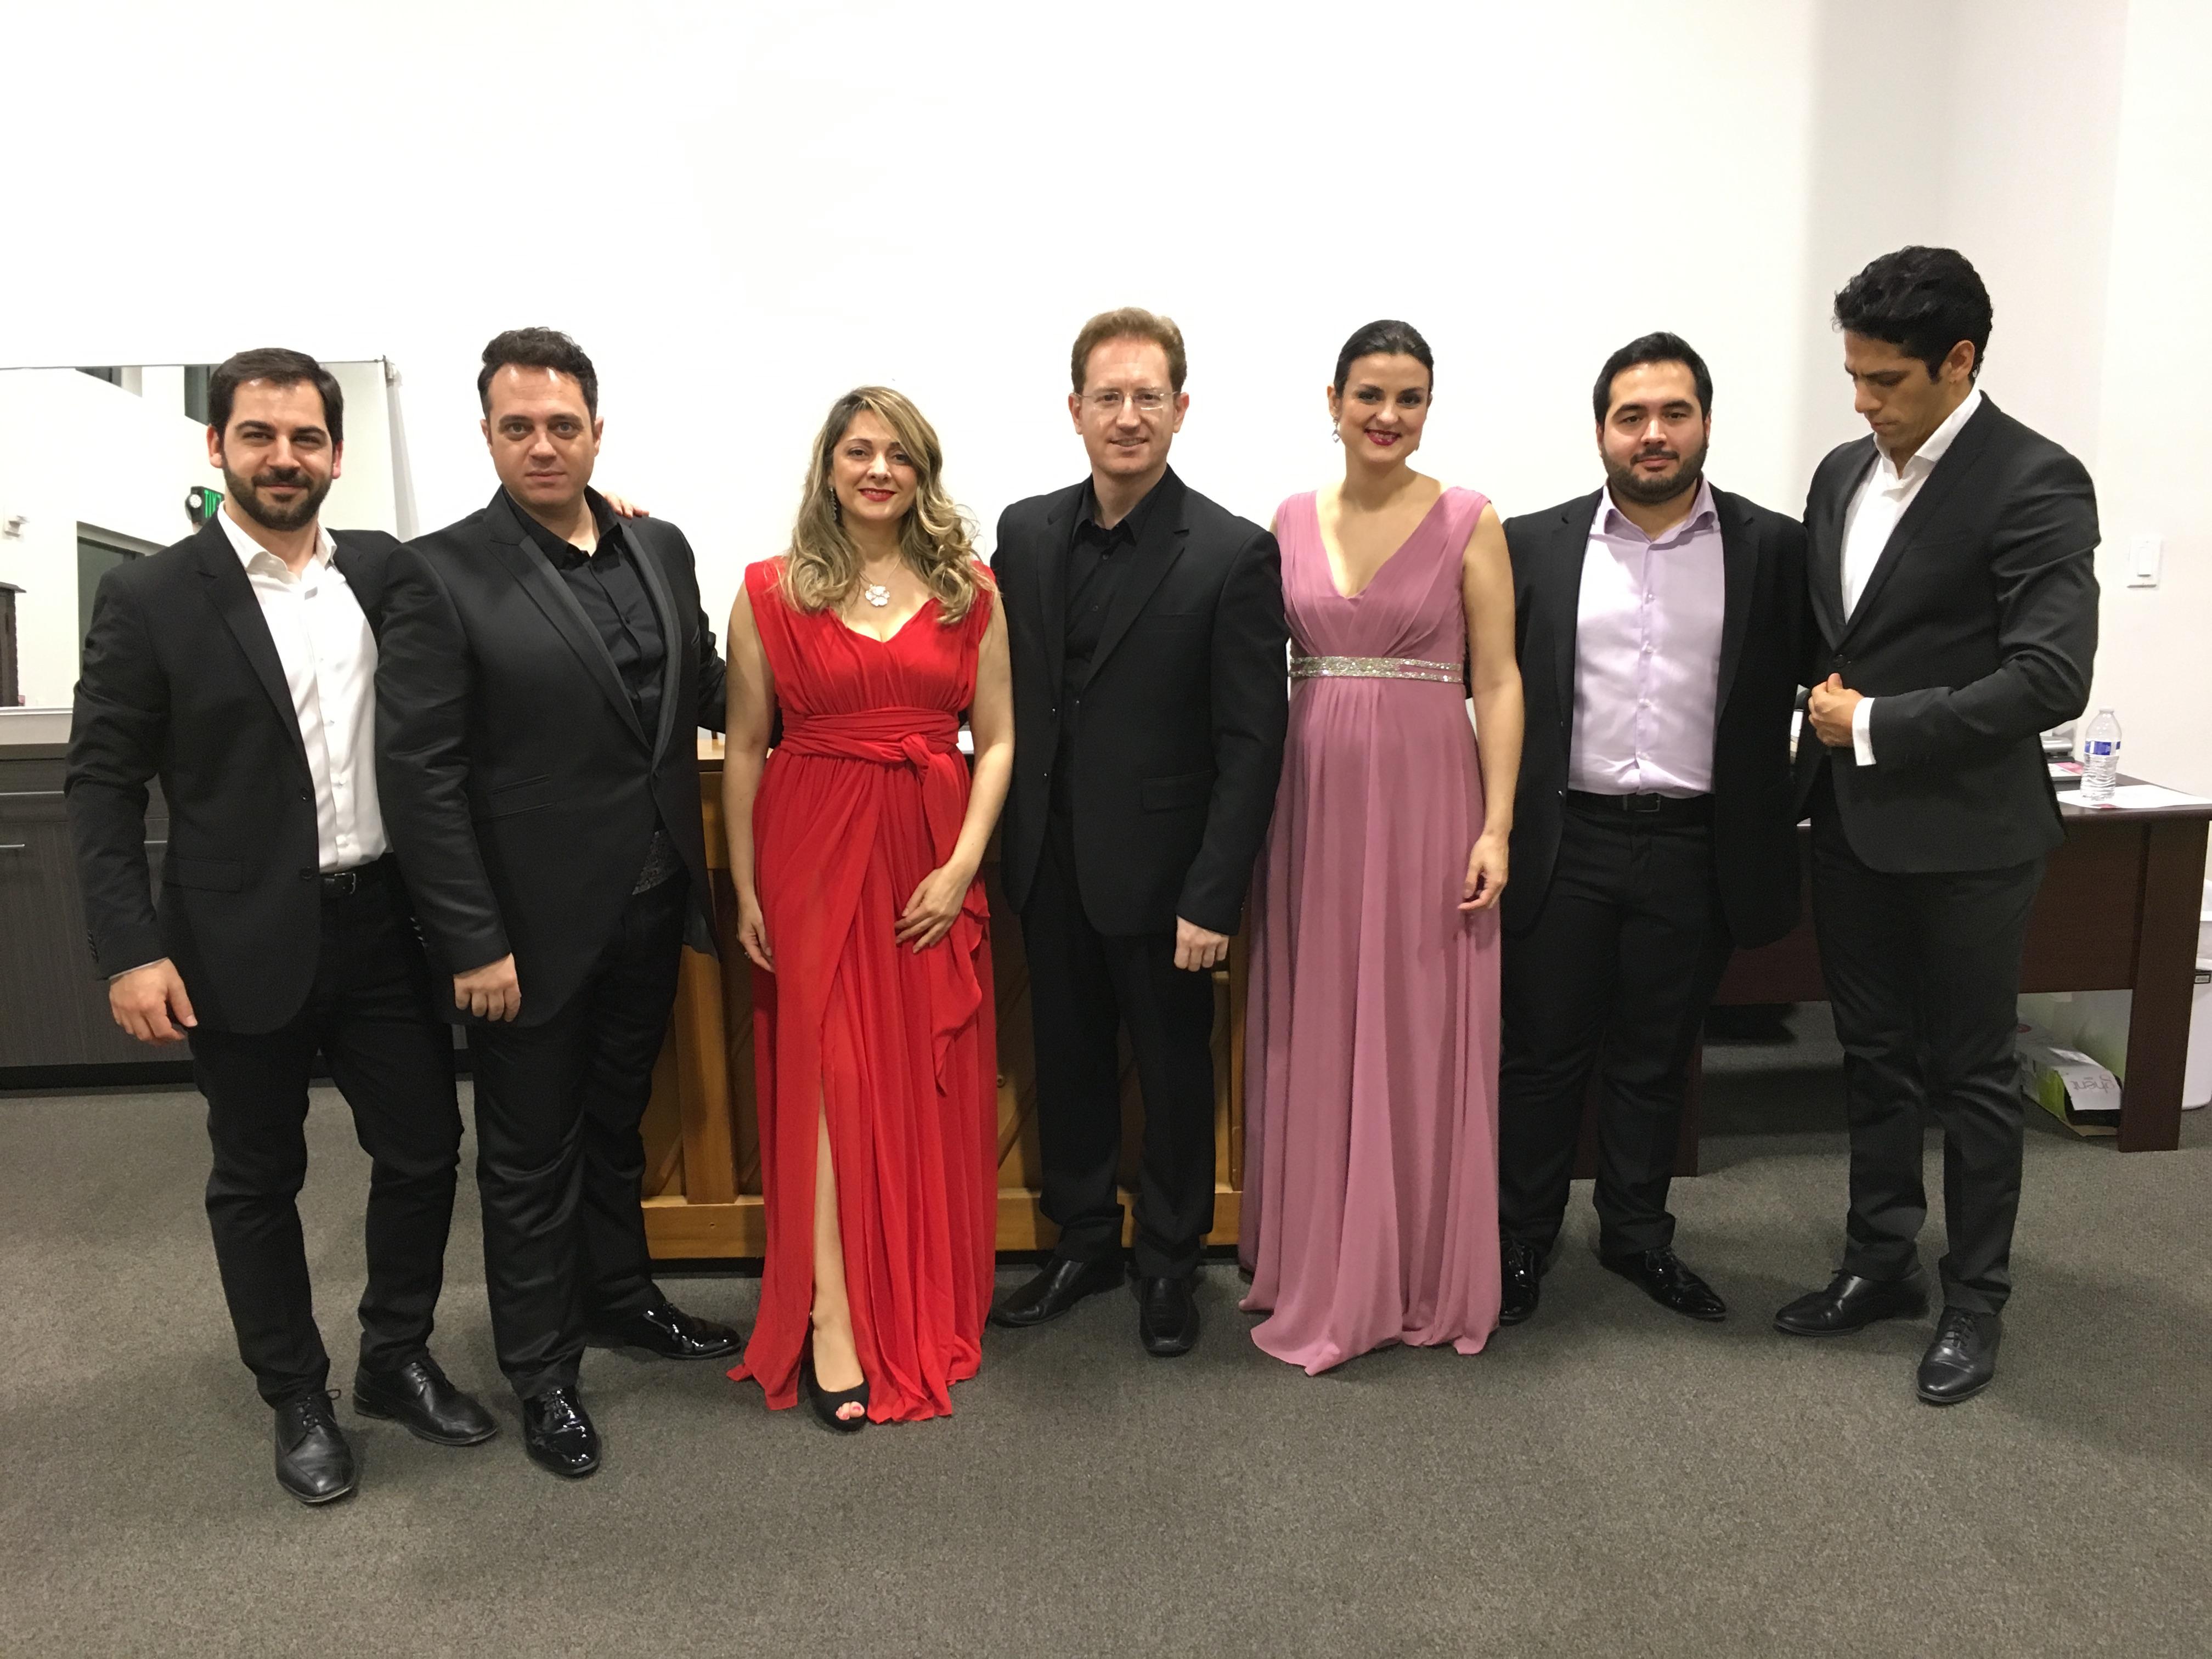 Opera Studio de Renata Scotto en Naples